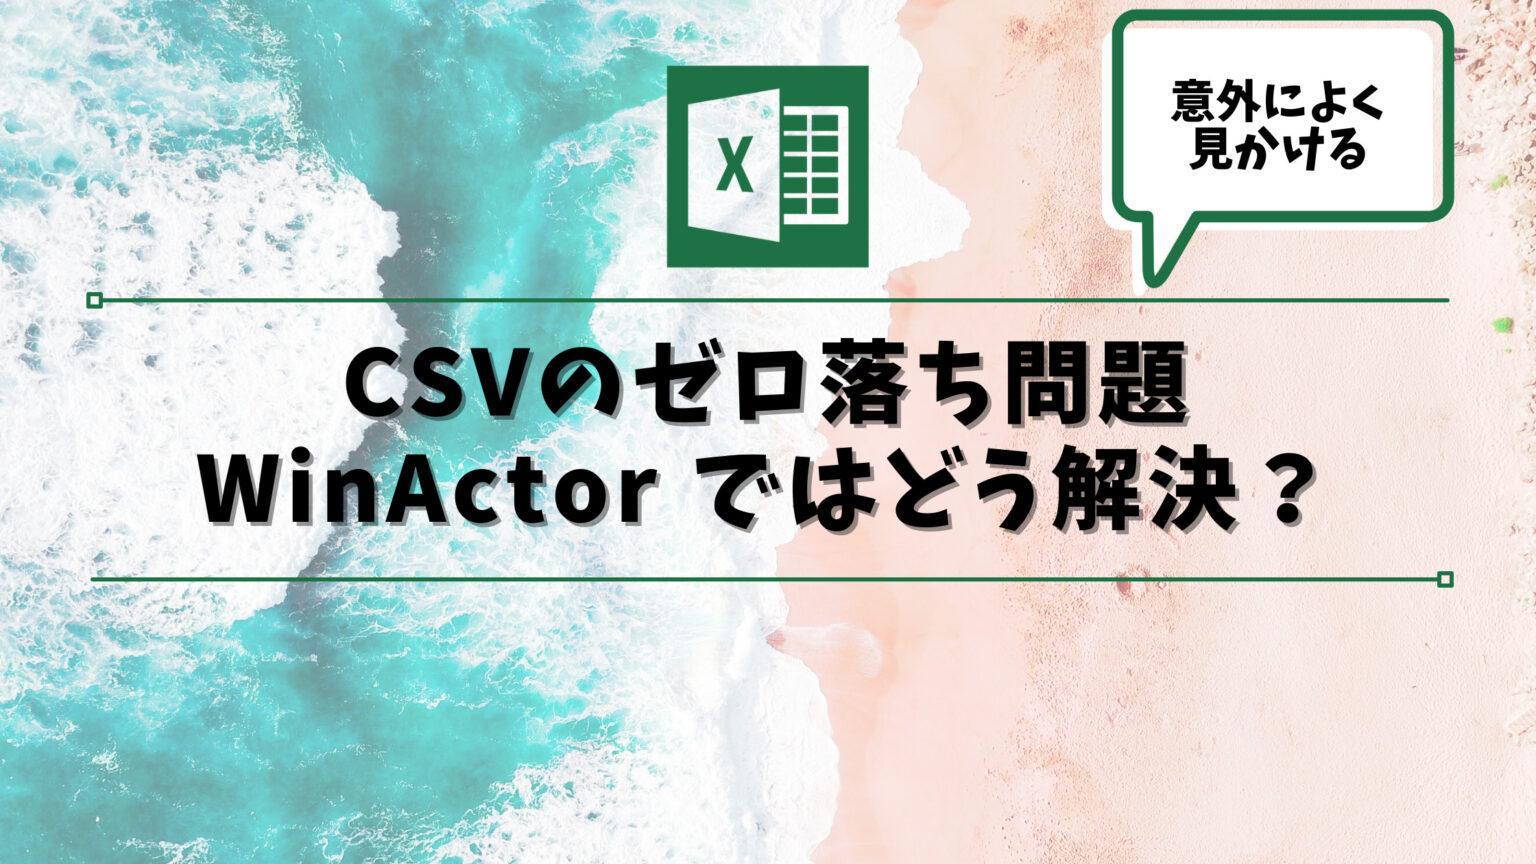 【WinActor】CSVファイルのゼロ落ち問題 エミュレーションと画像マッチングで対処